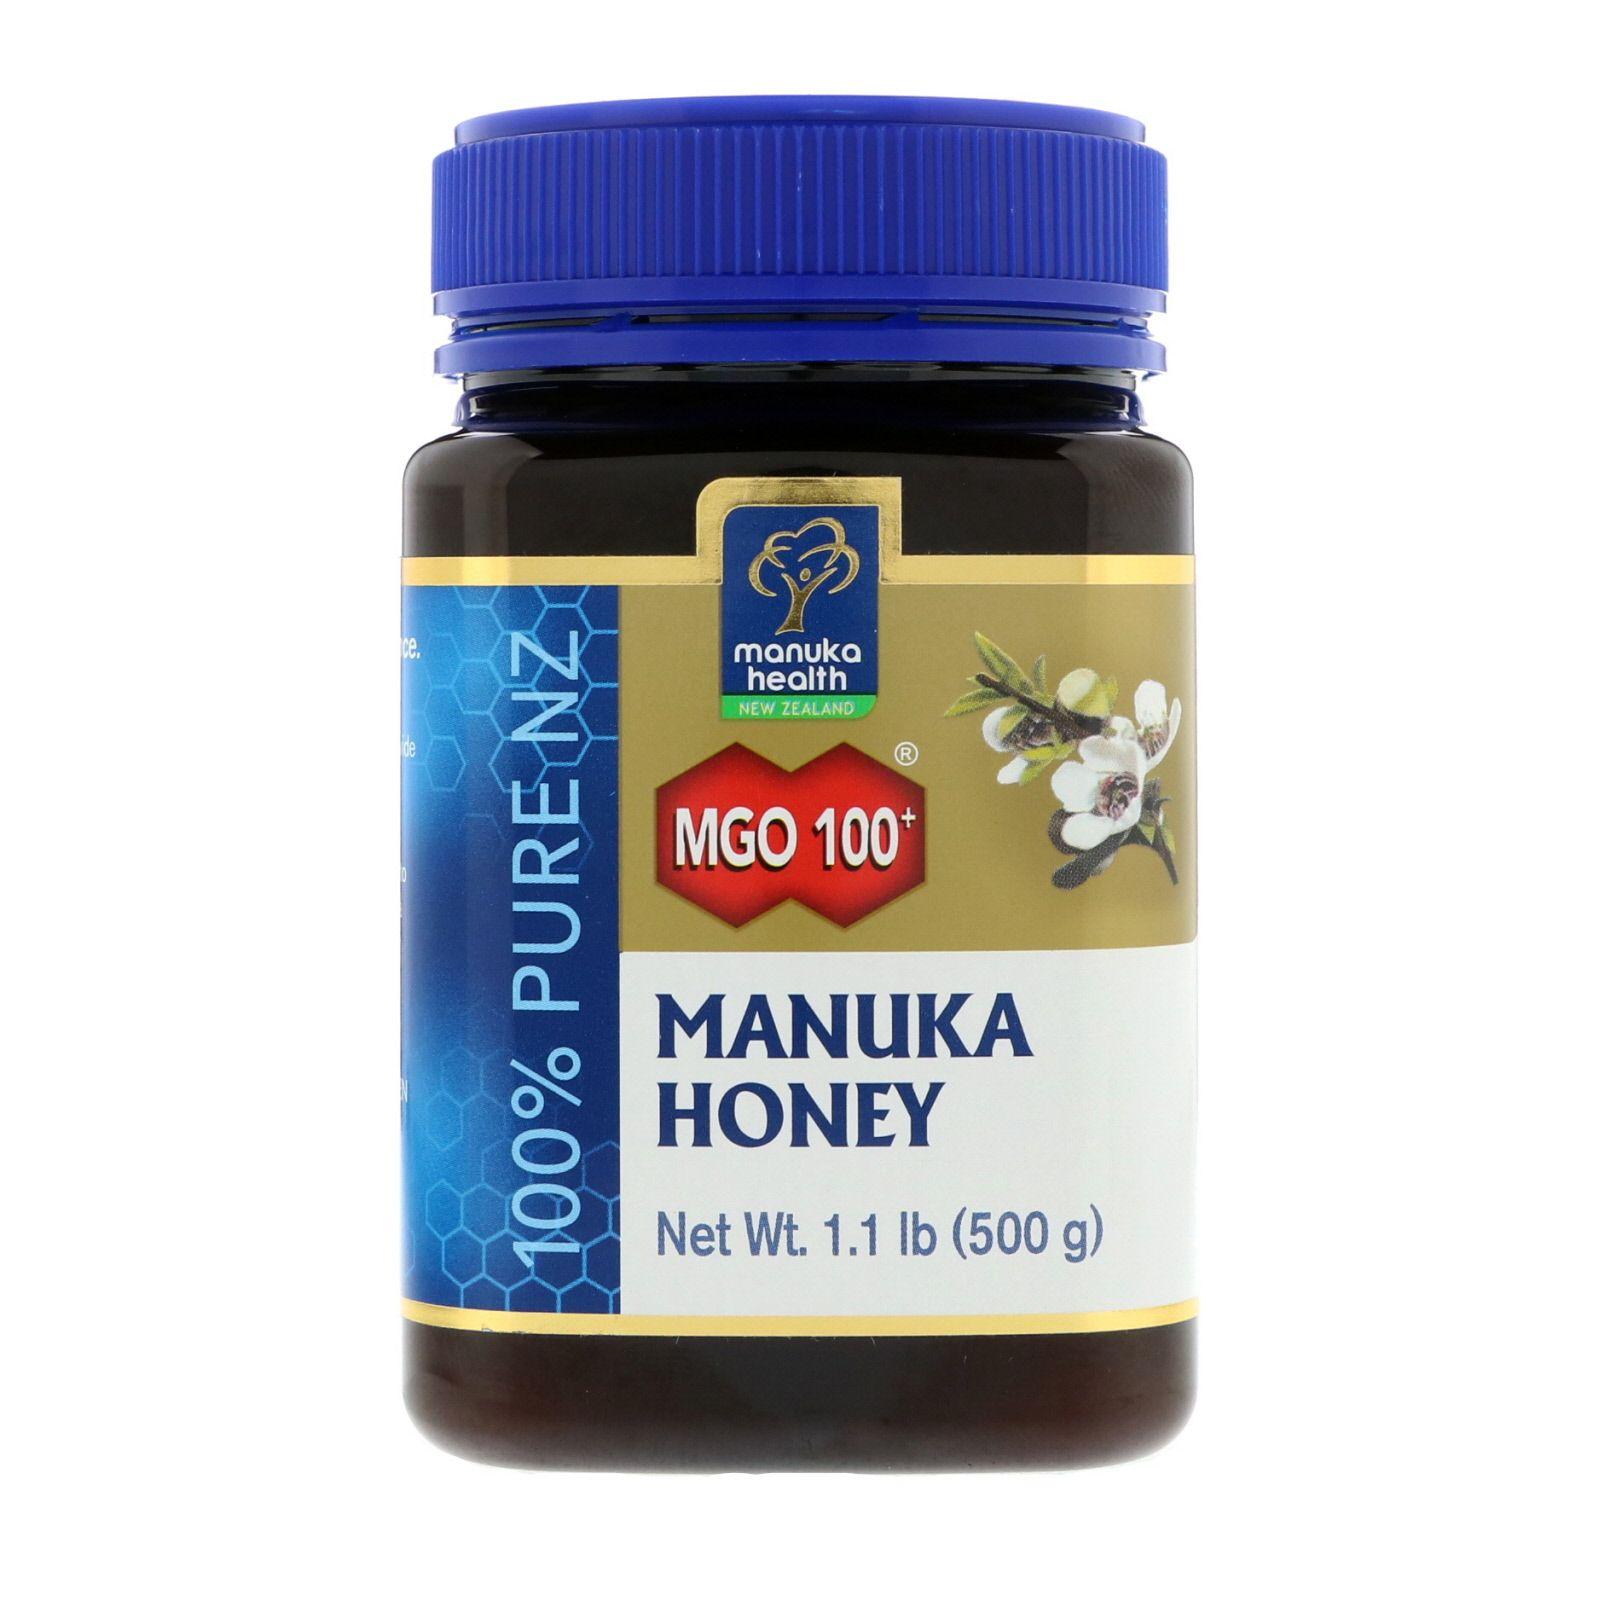 Manuka Health Manuka Honey Mgo 115 1 1 Lb 500 G Manuka Honey Honey Health